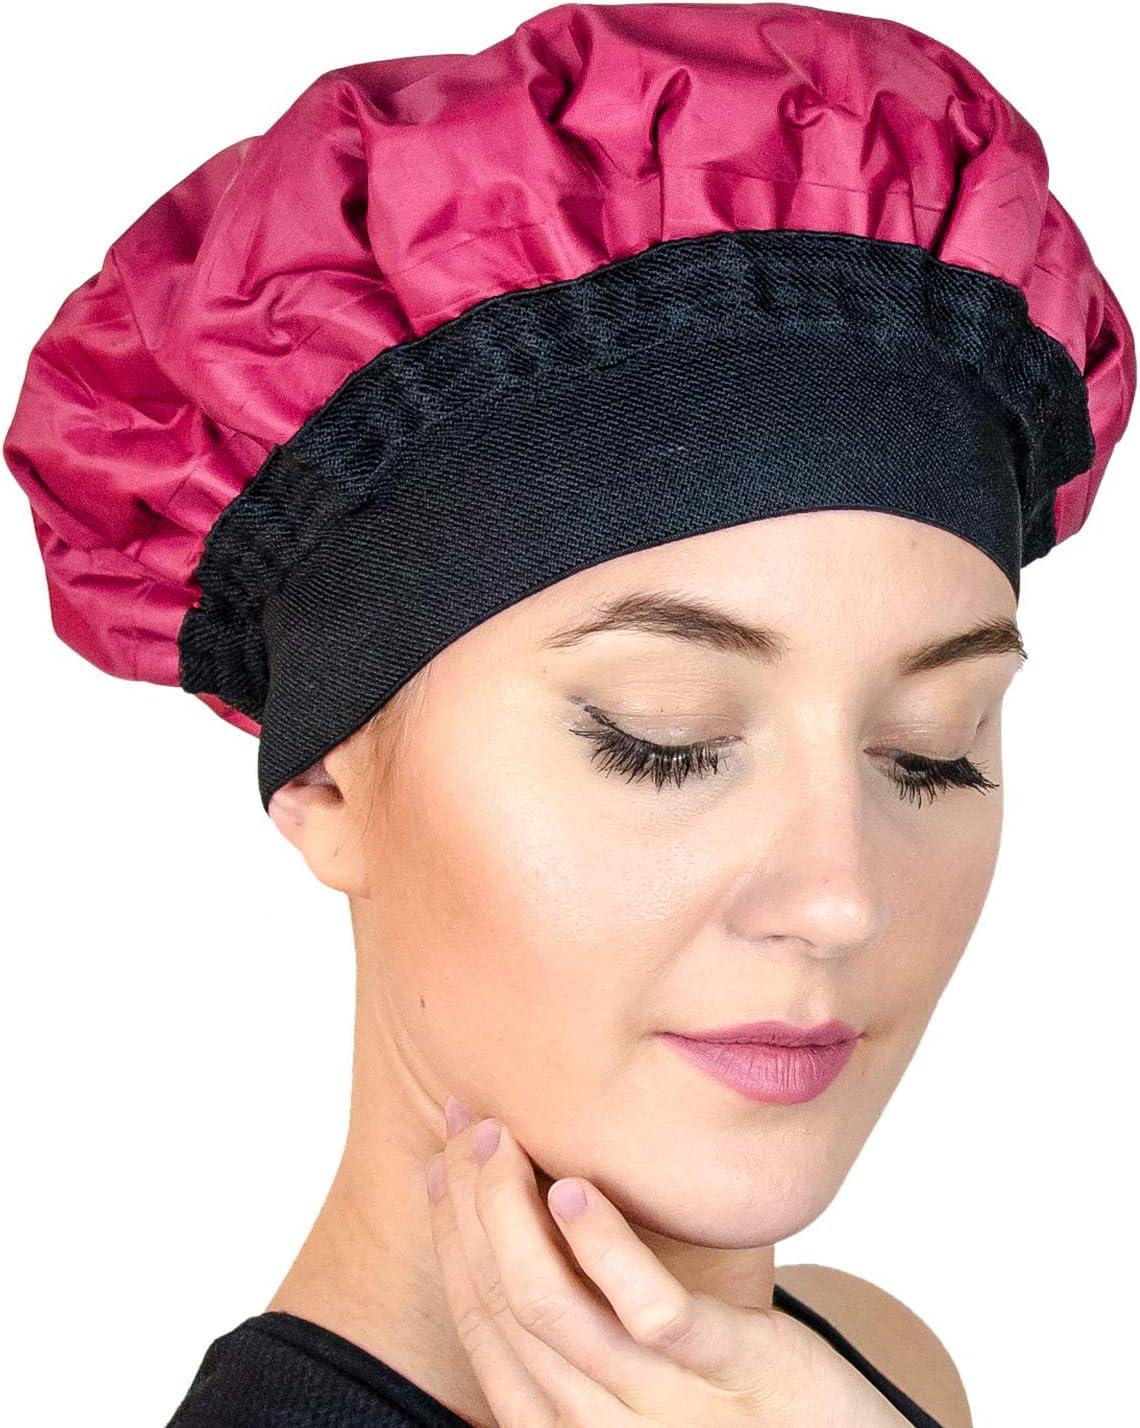 Magic Gel - Gorro térmico para el cabello:corro de vapor para acondicionamiento profundo para tratamiento térmico (microondas)